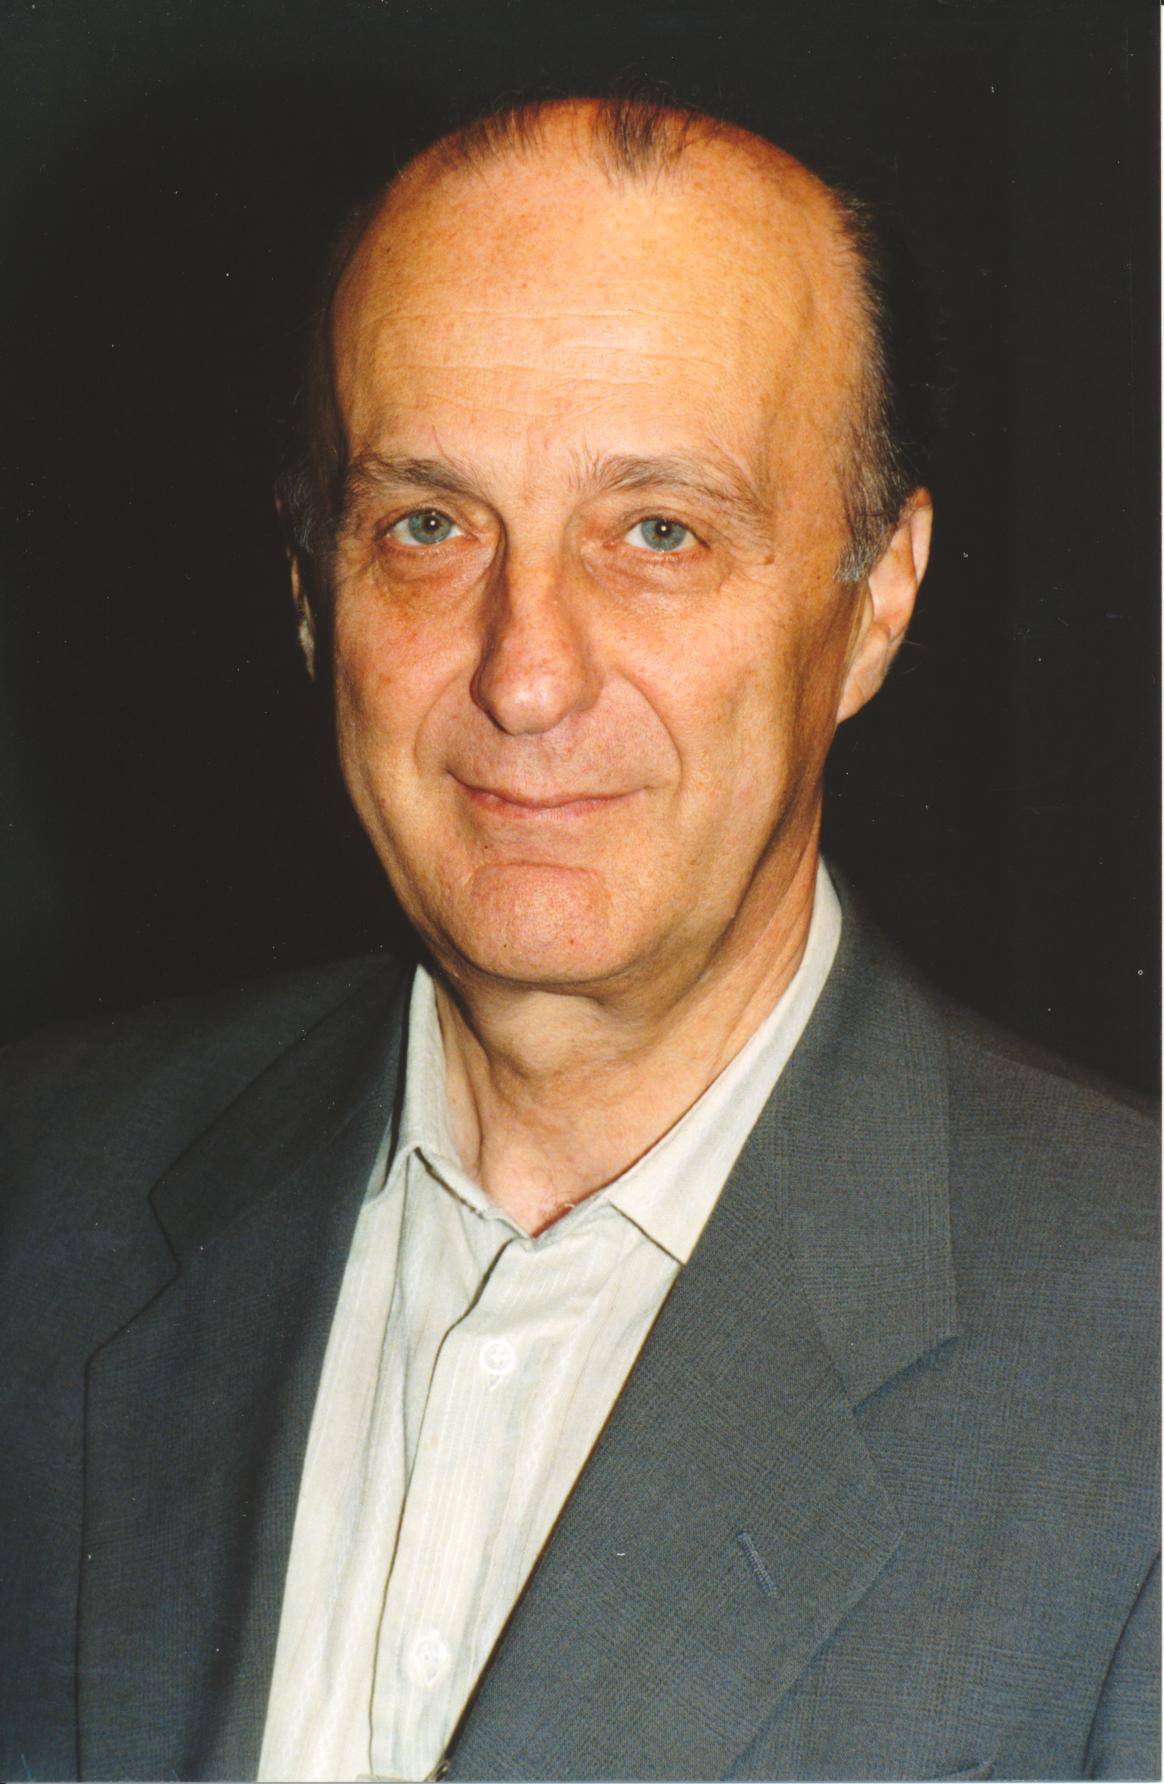 XV. Imago Mundi-Kongress 1995, Innsbruck, Dr. Giorgio Gagliardi